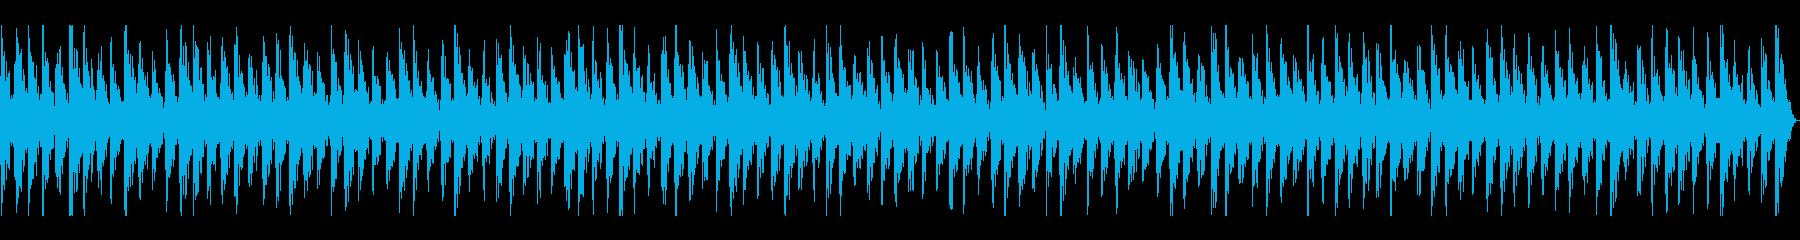 低音・高音が心地いい癒やし・作業音楽の再生済みの波形